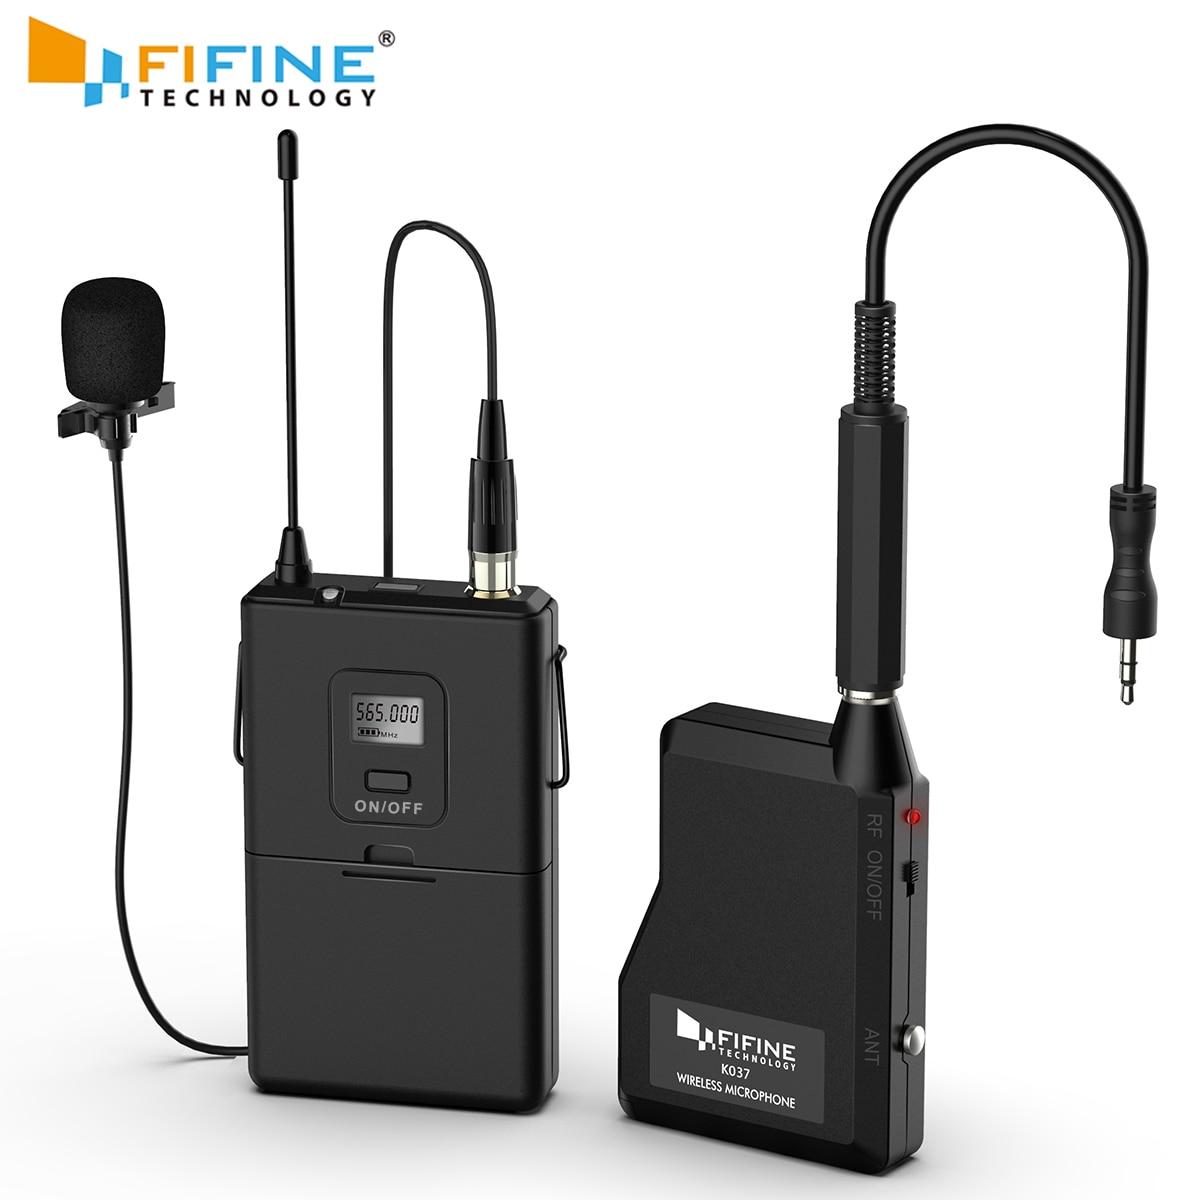 Fifine 20-Canale UHF Wireless Lavalier Risvolto Microfono di Sistema con Trasmettitore da tasca, Mini Risvolto Microfono e Ricevitore Portatile